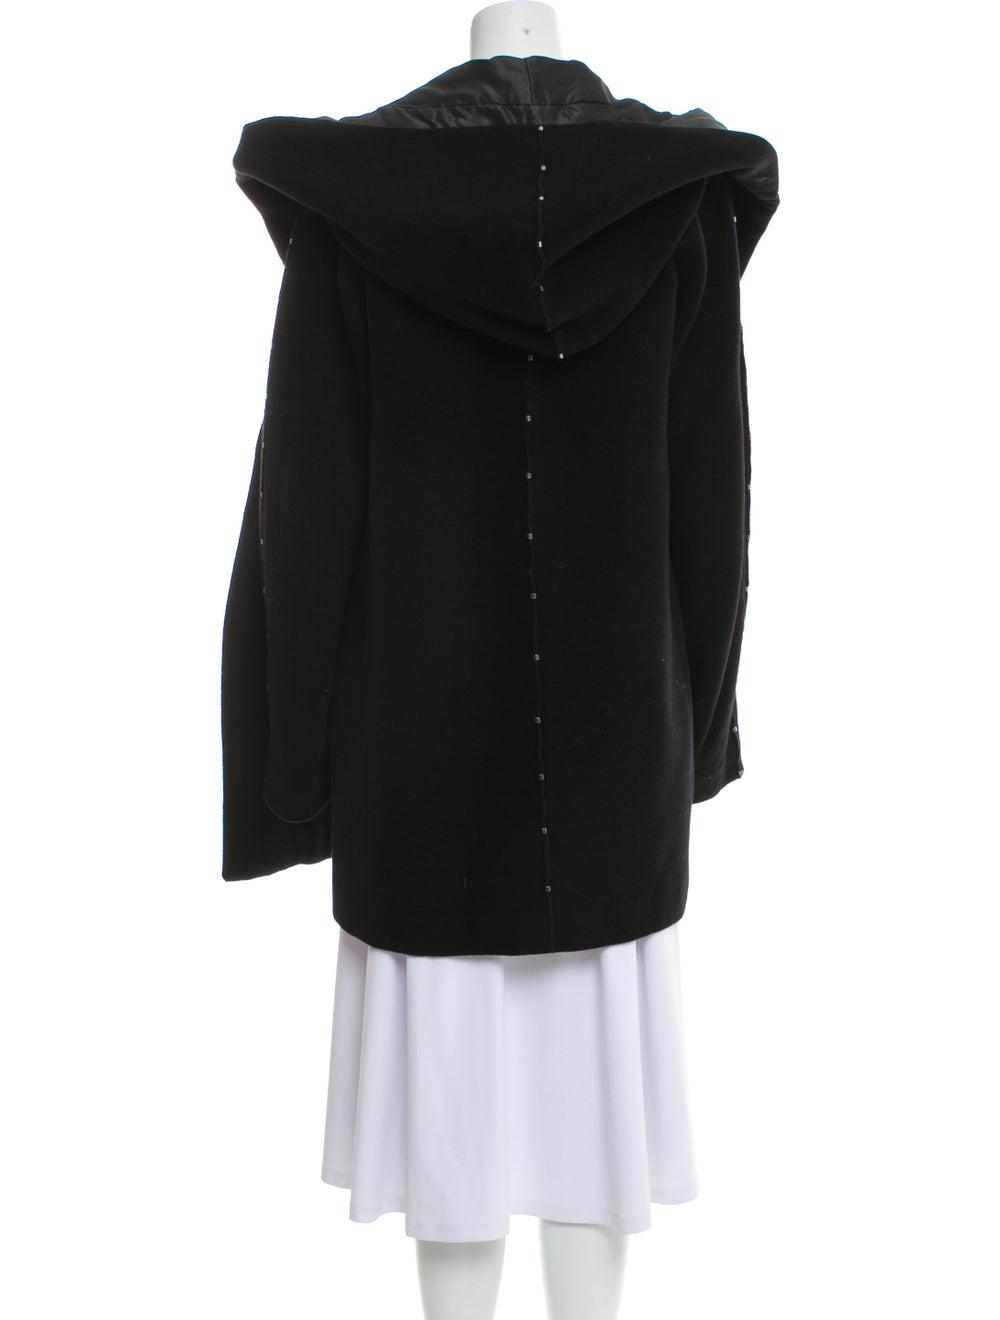 Krizia Jacket Black - image 3